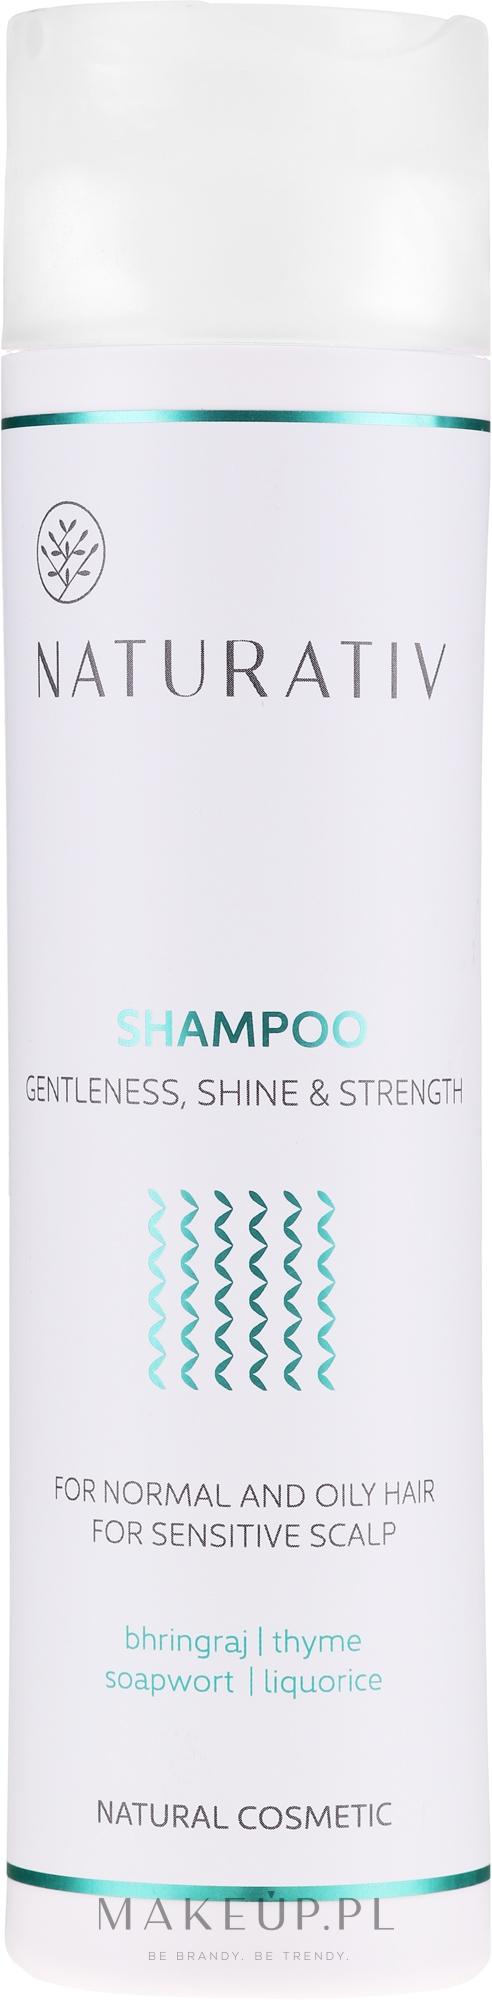 Szampon do włosów Łagodność, blask i wzmocnienie - Naturativ Getleness, Shine & Strength — фото 250 ml